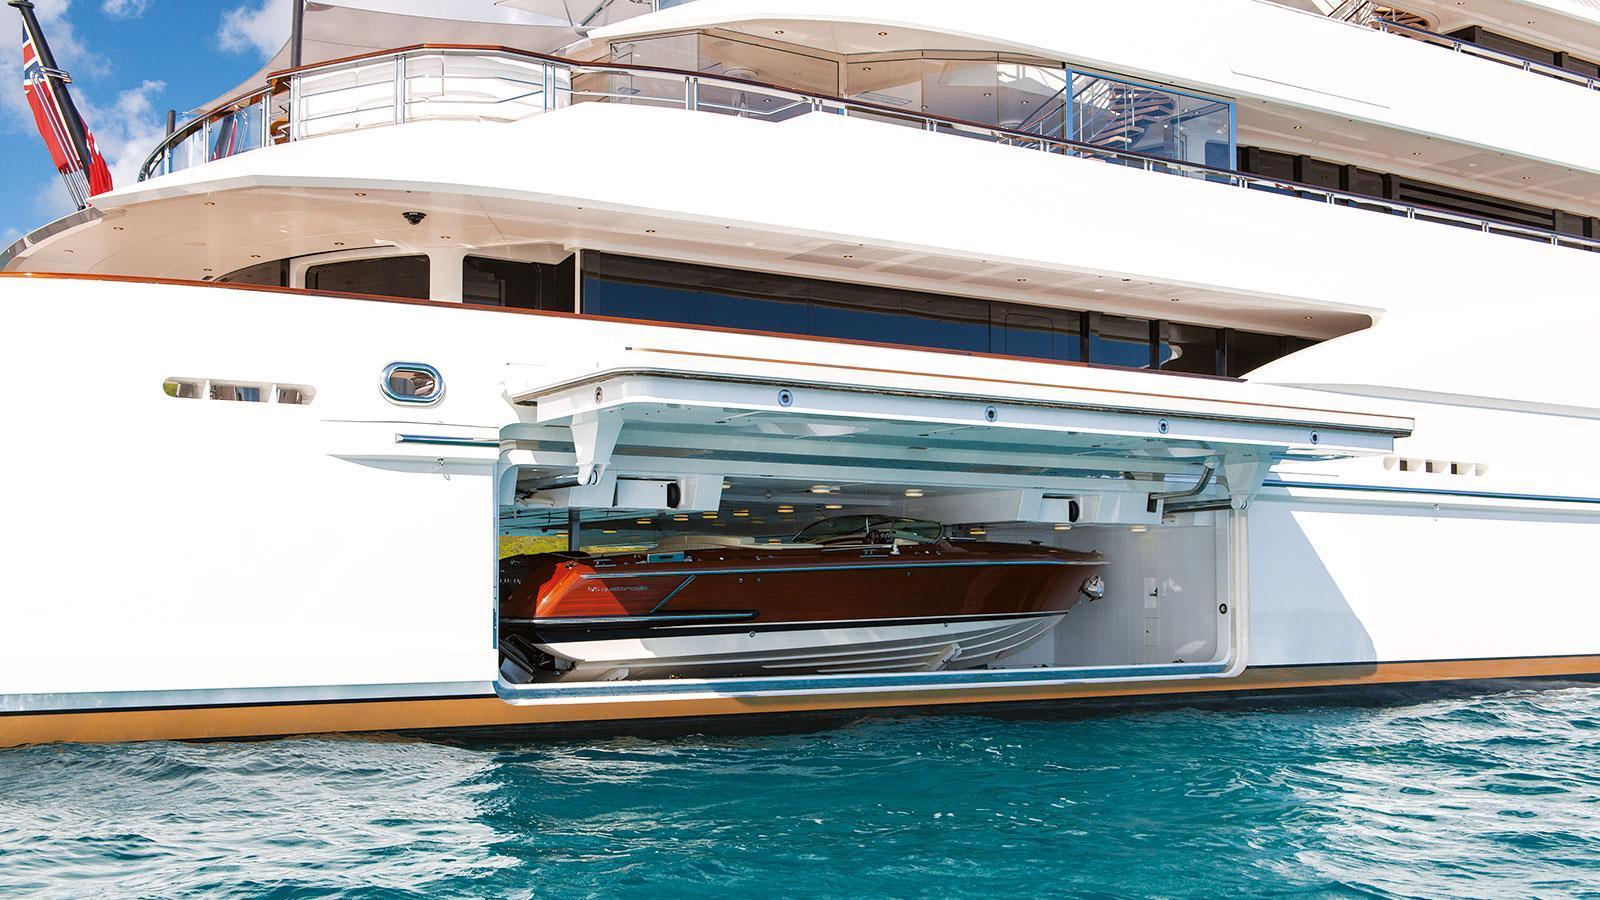 quattroelle-motor-yacht-lurssen-2013-86m-tender-garage